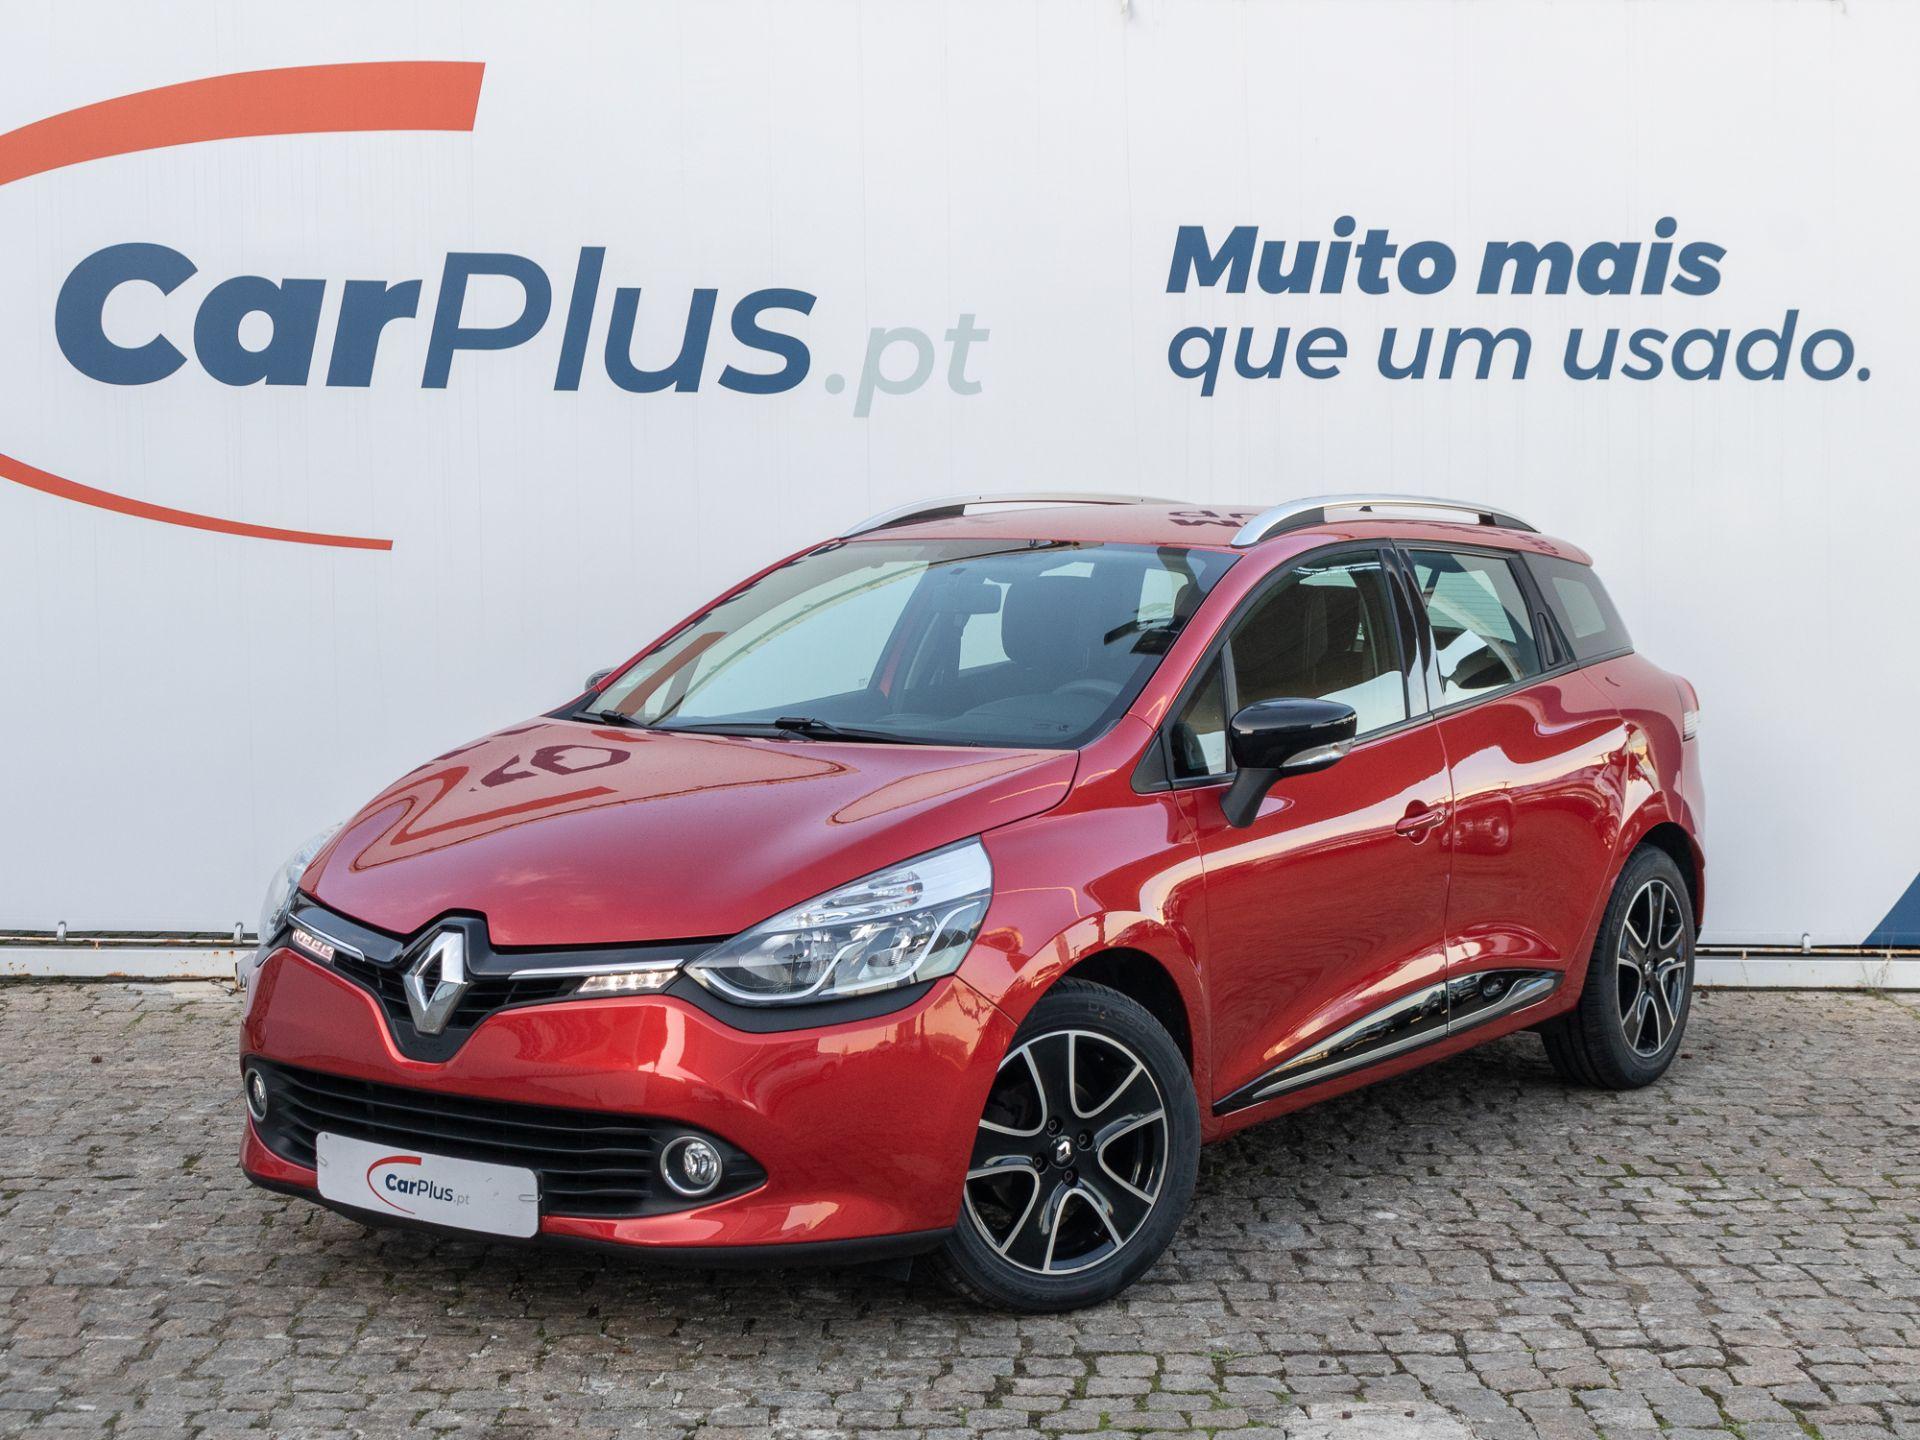 Renault Clio 0.9 Energy TCe 90cv S&S ECO2 Dynamique S segunda mão Lisboa